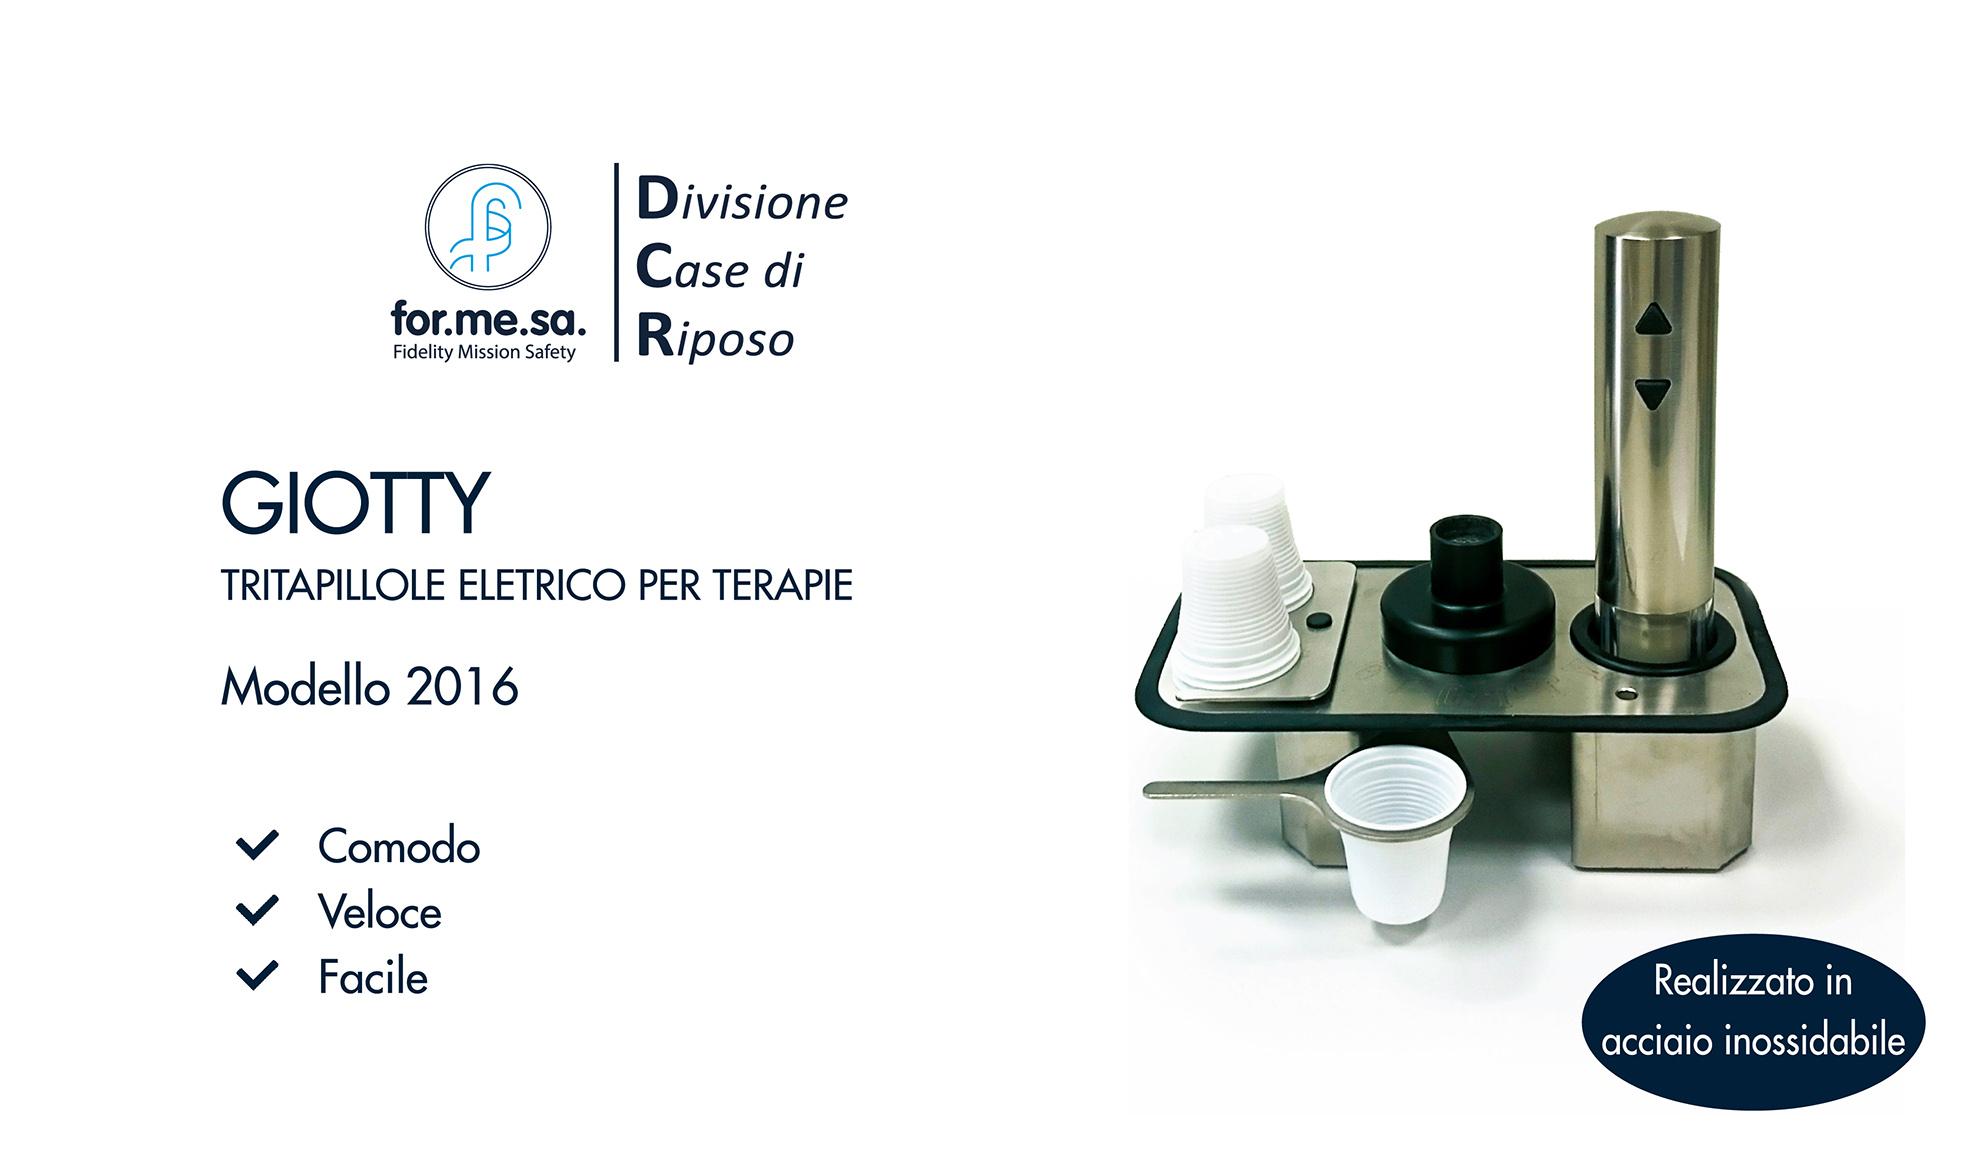 Giotty-2016-tritapillole-elettrico